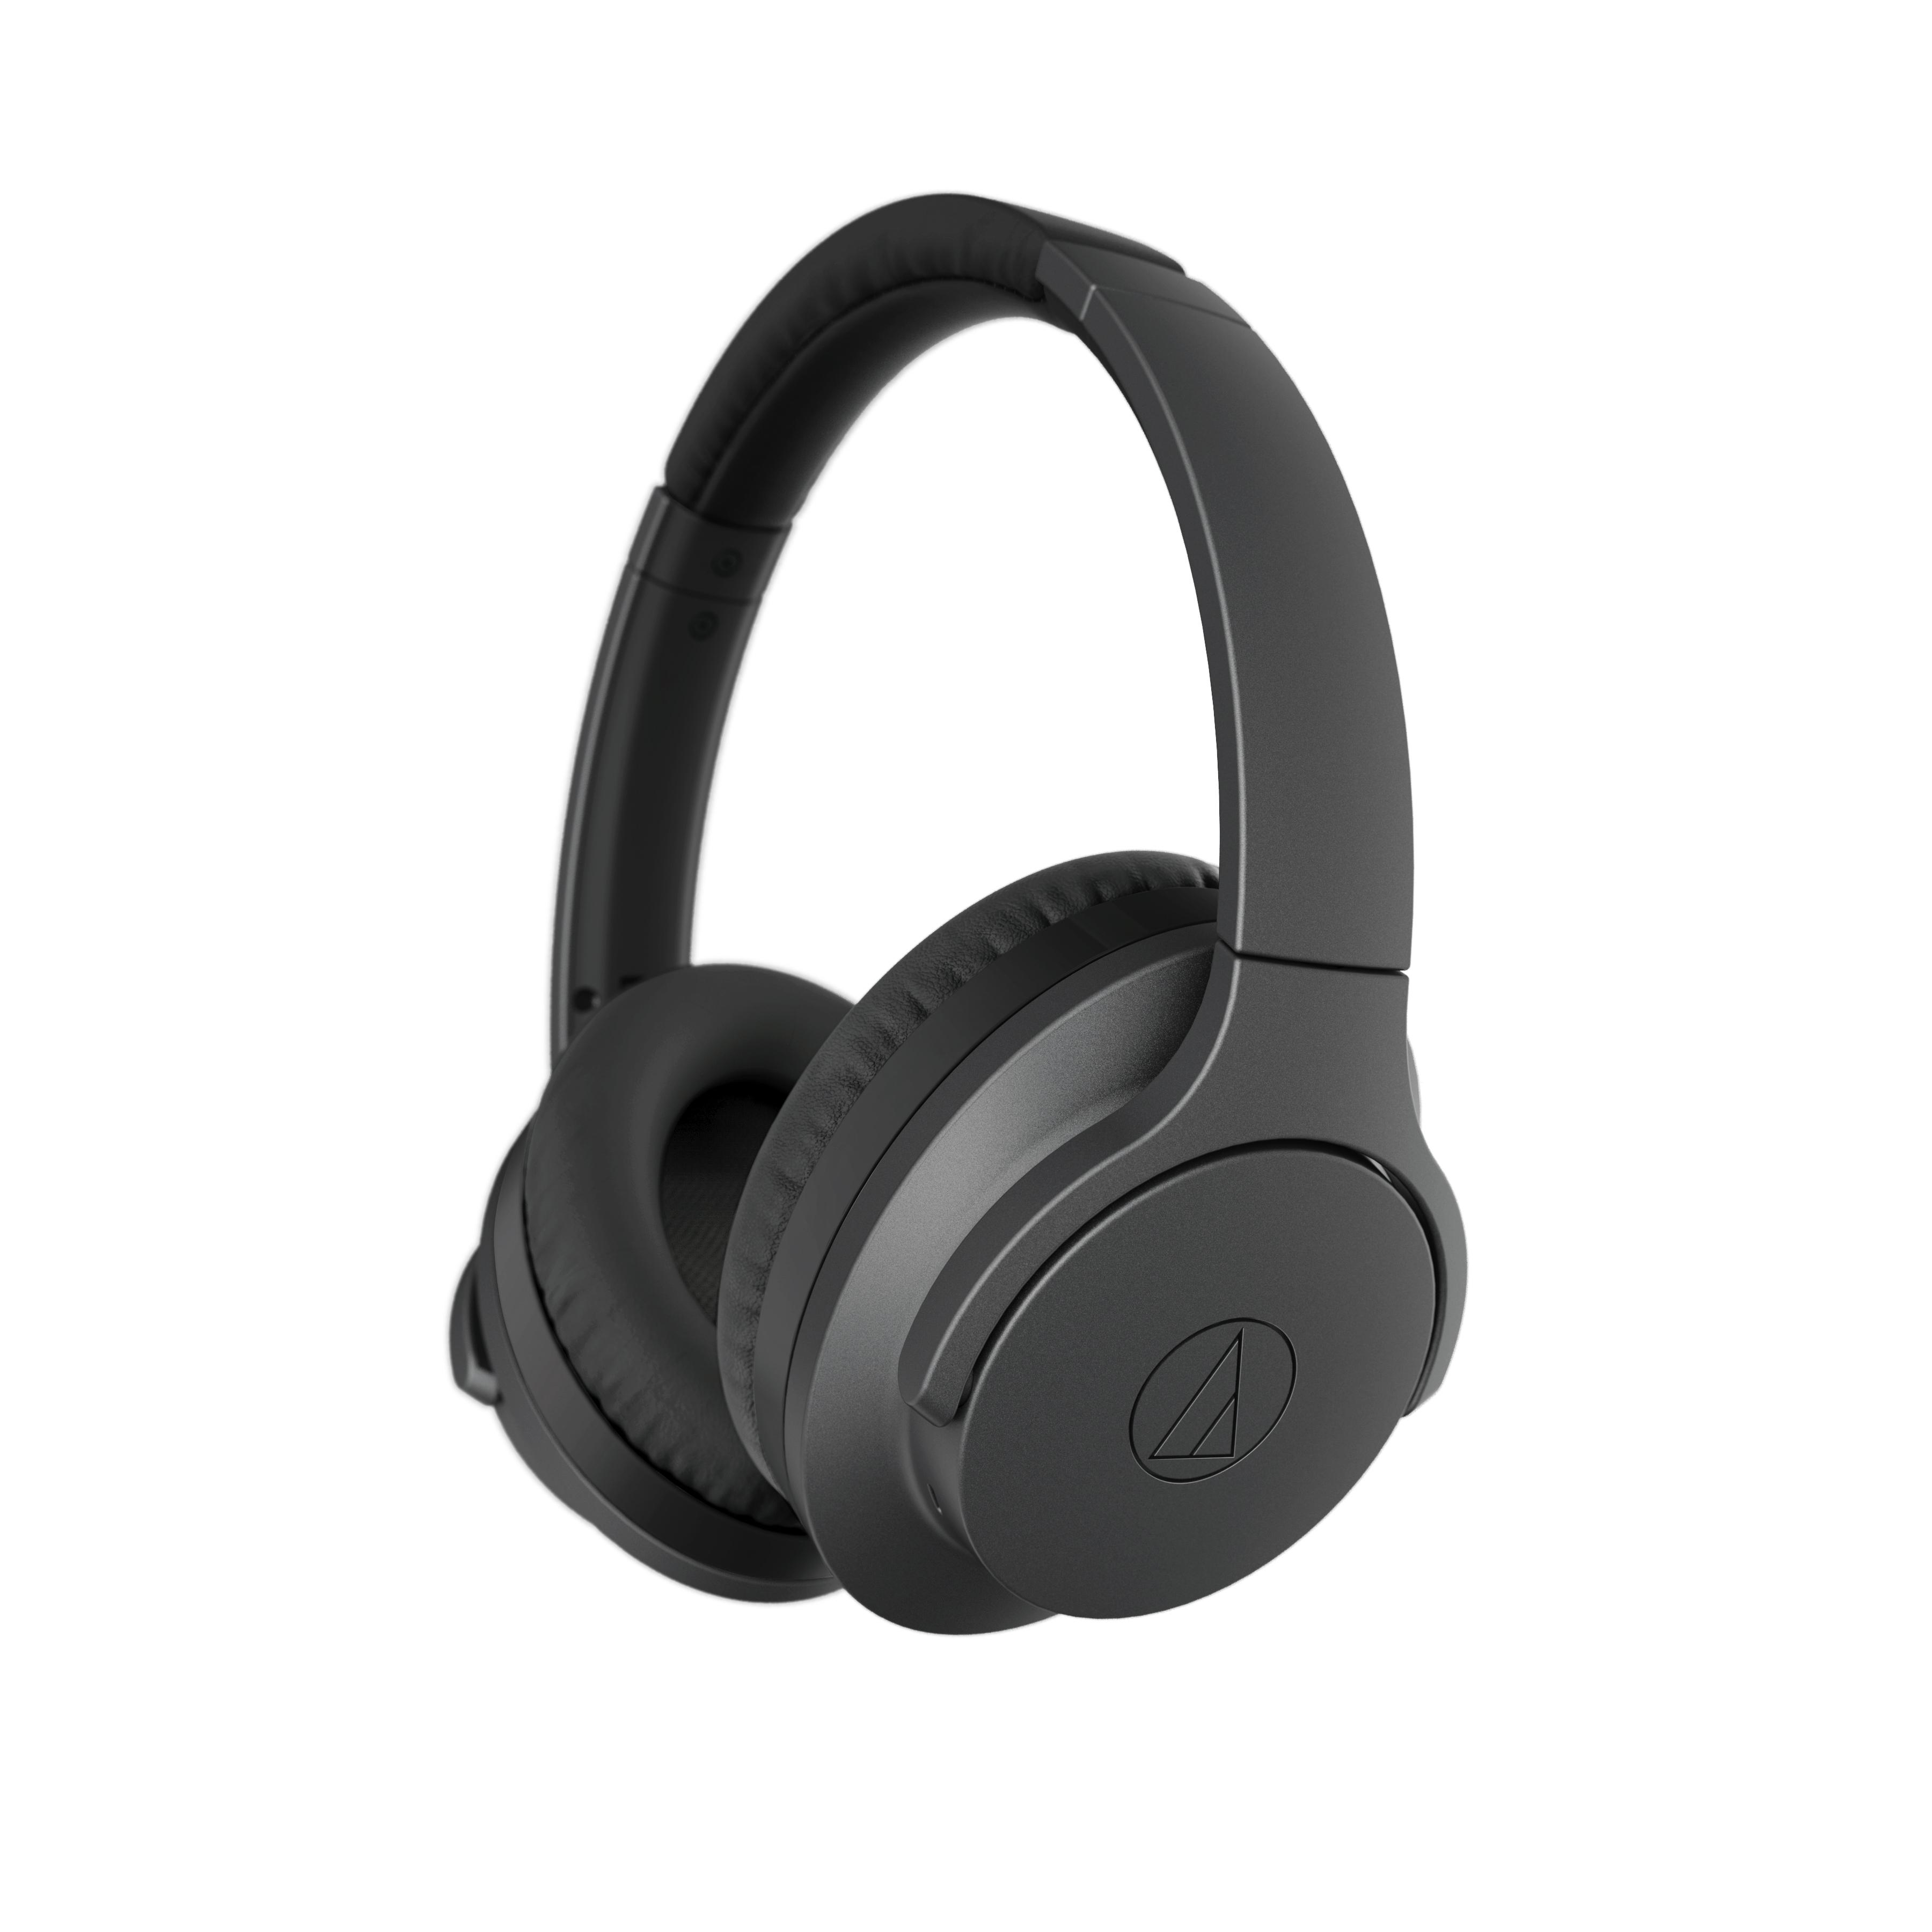 Earclip headphones wireless - headphones wireless audio technica